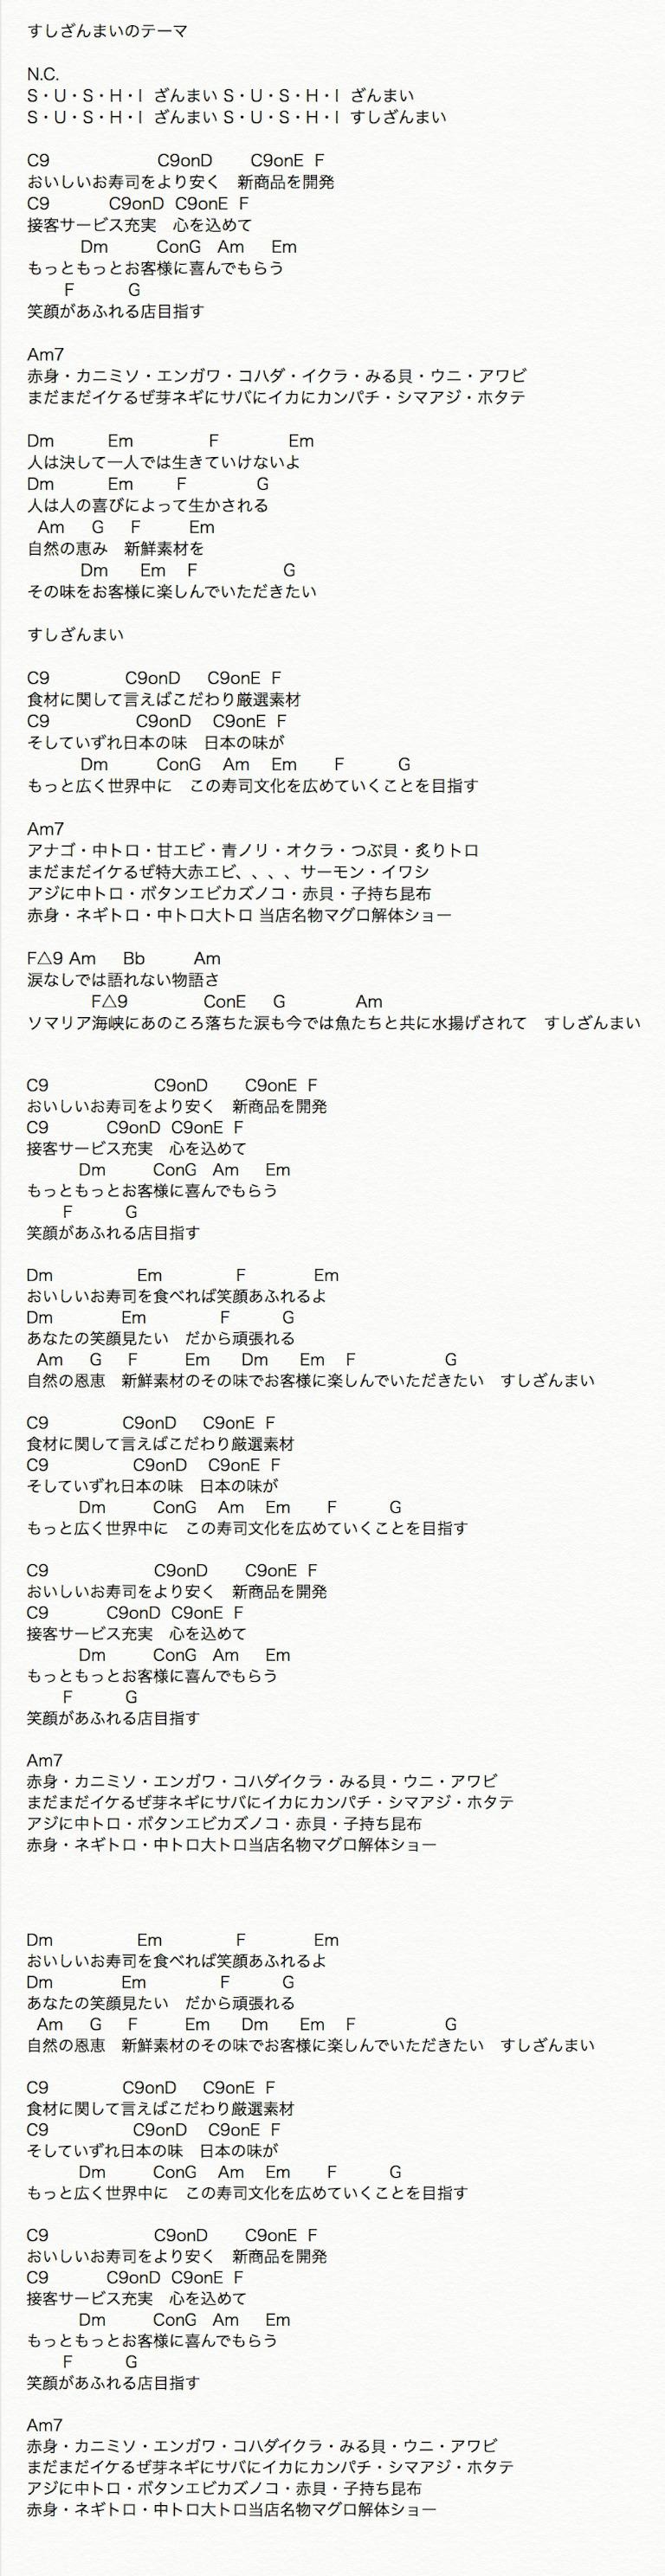 すしざんまいのテーマ弾き語りコード譜面